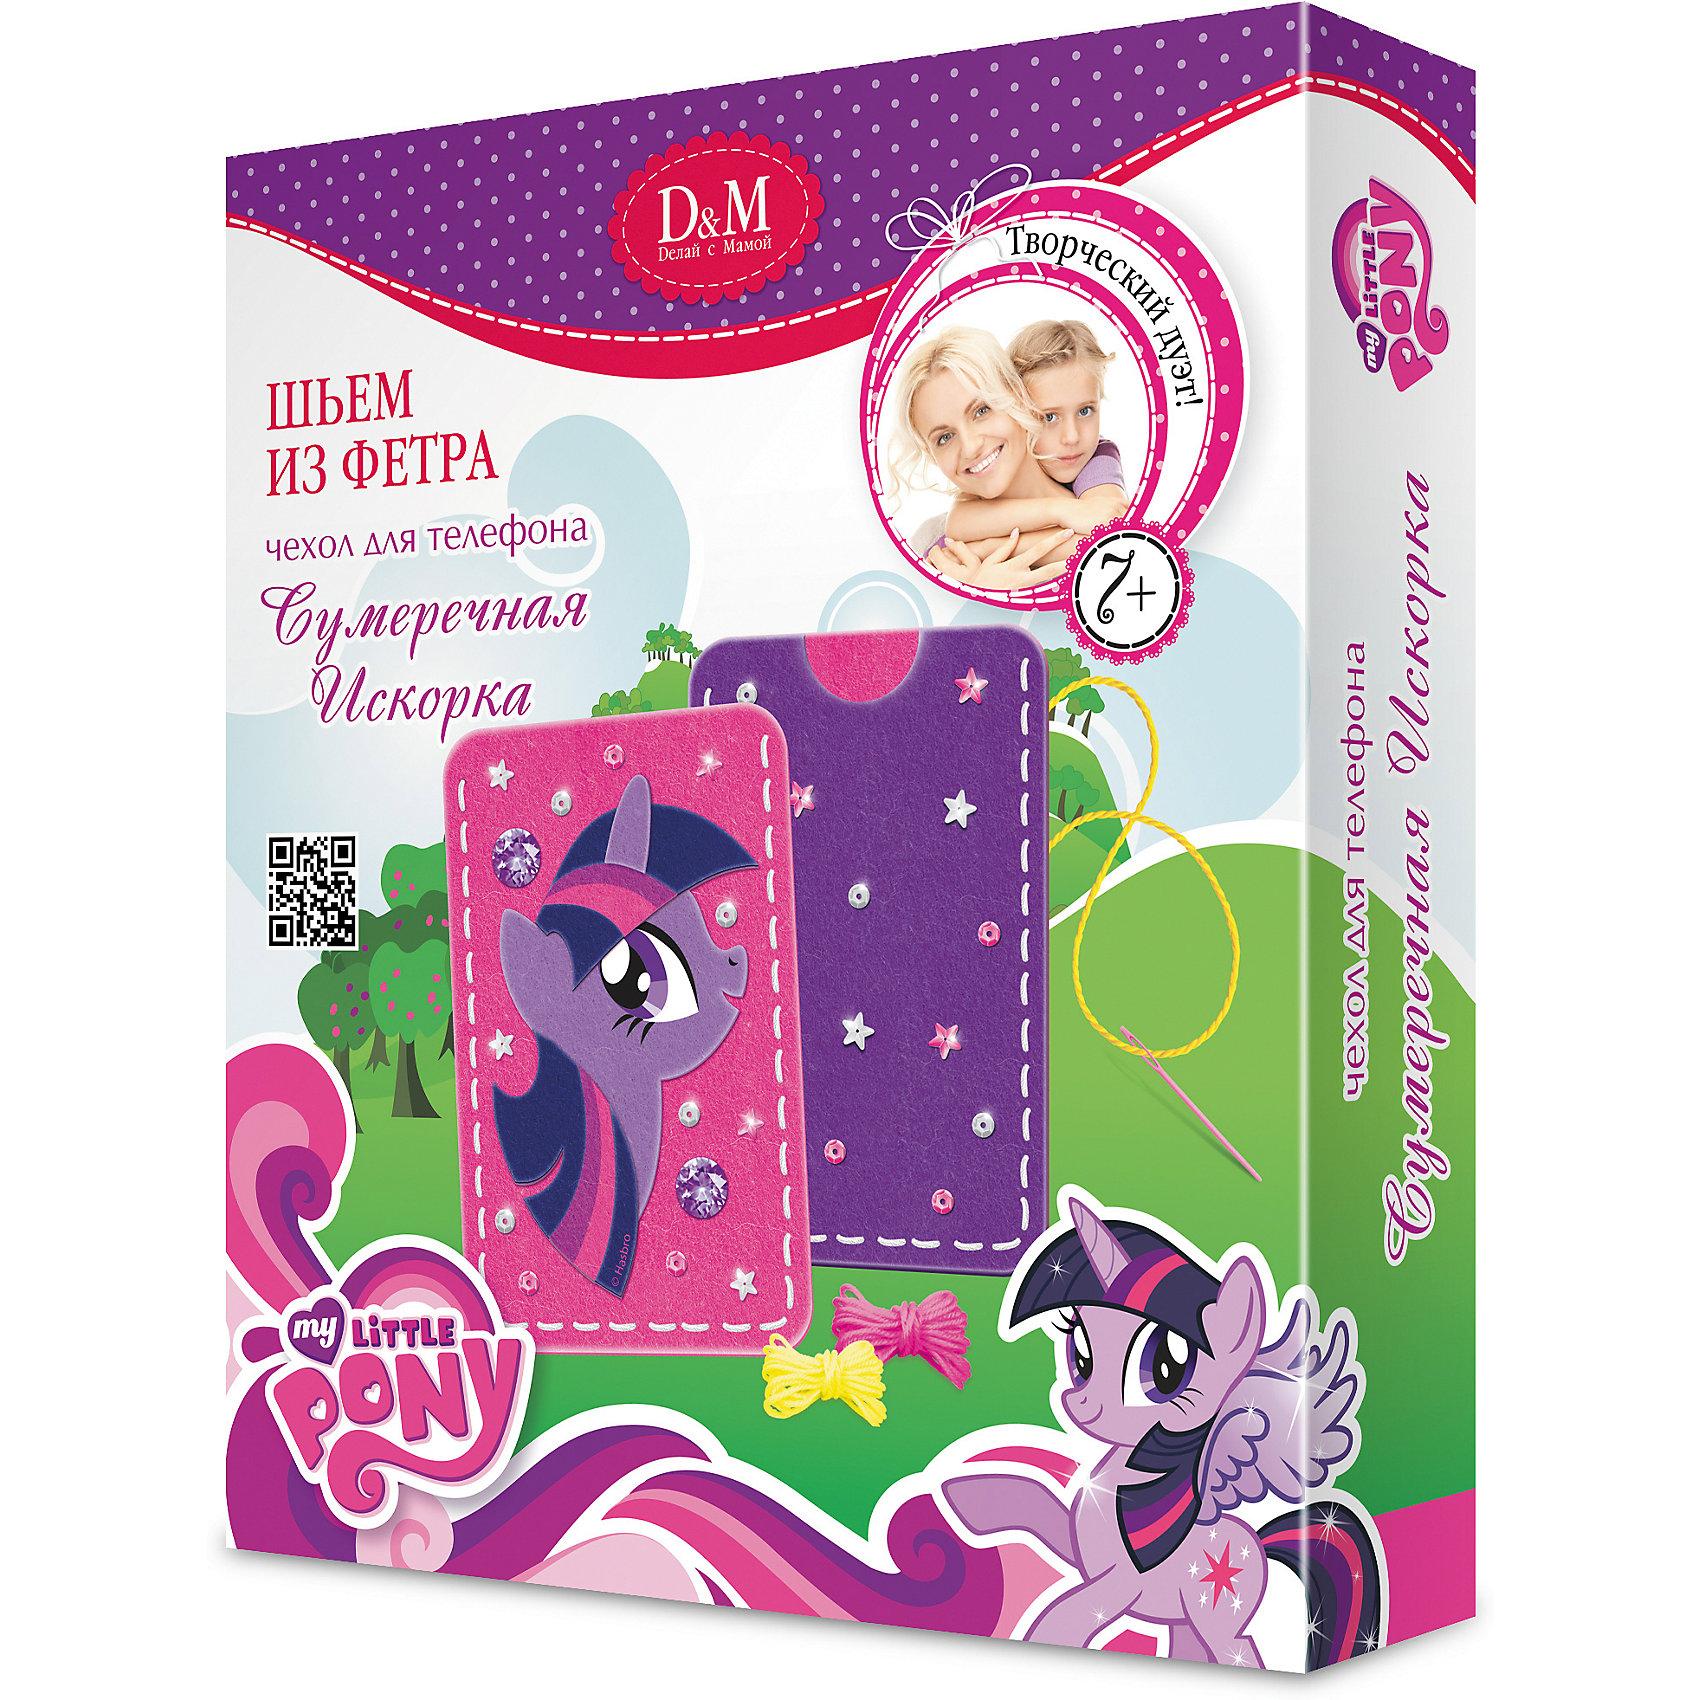 Набор Шьем чехол для телефона Сумеречная Искорка, My Little PonyРукоделие<br>Набор Шьем чехол для телефона Сумеречная Искорка, My Little Pony – это увлекательный набор для творчества.<br>Набор Шьем чехол для телефона Сумеречная Искорка, My Little Pony поможет маленьким рукодельницам познакомиться с основами шитья и своими руками сделать чехол для мобильного телефона. Соединить фетровые детали легко, так как они специально перфорированы так, чтобы их было легко сшивать безопасной пластиковой иголкой. Детали для декора чехла включают симпатичную аппликацию с изображением Сумеречной Искорки, стразы и пайетки.<br><br>Дополнительная информация:<br><br>- В наборе: фетровые детали, нитки, стразы, пайетки, безопасная игла, подробная инструкция<br>- Материал: текстильные материалы (в т.ч. фетровые детали), пластмасса<br>- Размер упаковки: 180x150x30 мм.<br><br>Набор Шьем чехол для телефона Сумеречная Искорка, My Little Pony можно купить в нашем интернет-магазине.<br><br>Ширина мм: 180<br>Глубина мм: 150<br>Высота мм: 30<br>Вес г: 824<br>Возраст от месяцев: 60<br>Возраст до месяцев: 2147483647<br>Пол: Женский<br>Возраст: Детский<br>SKU: 4418943